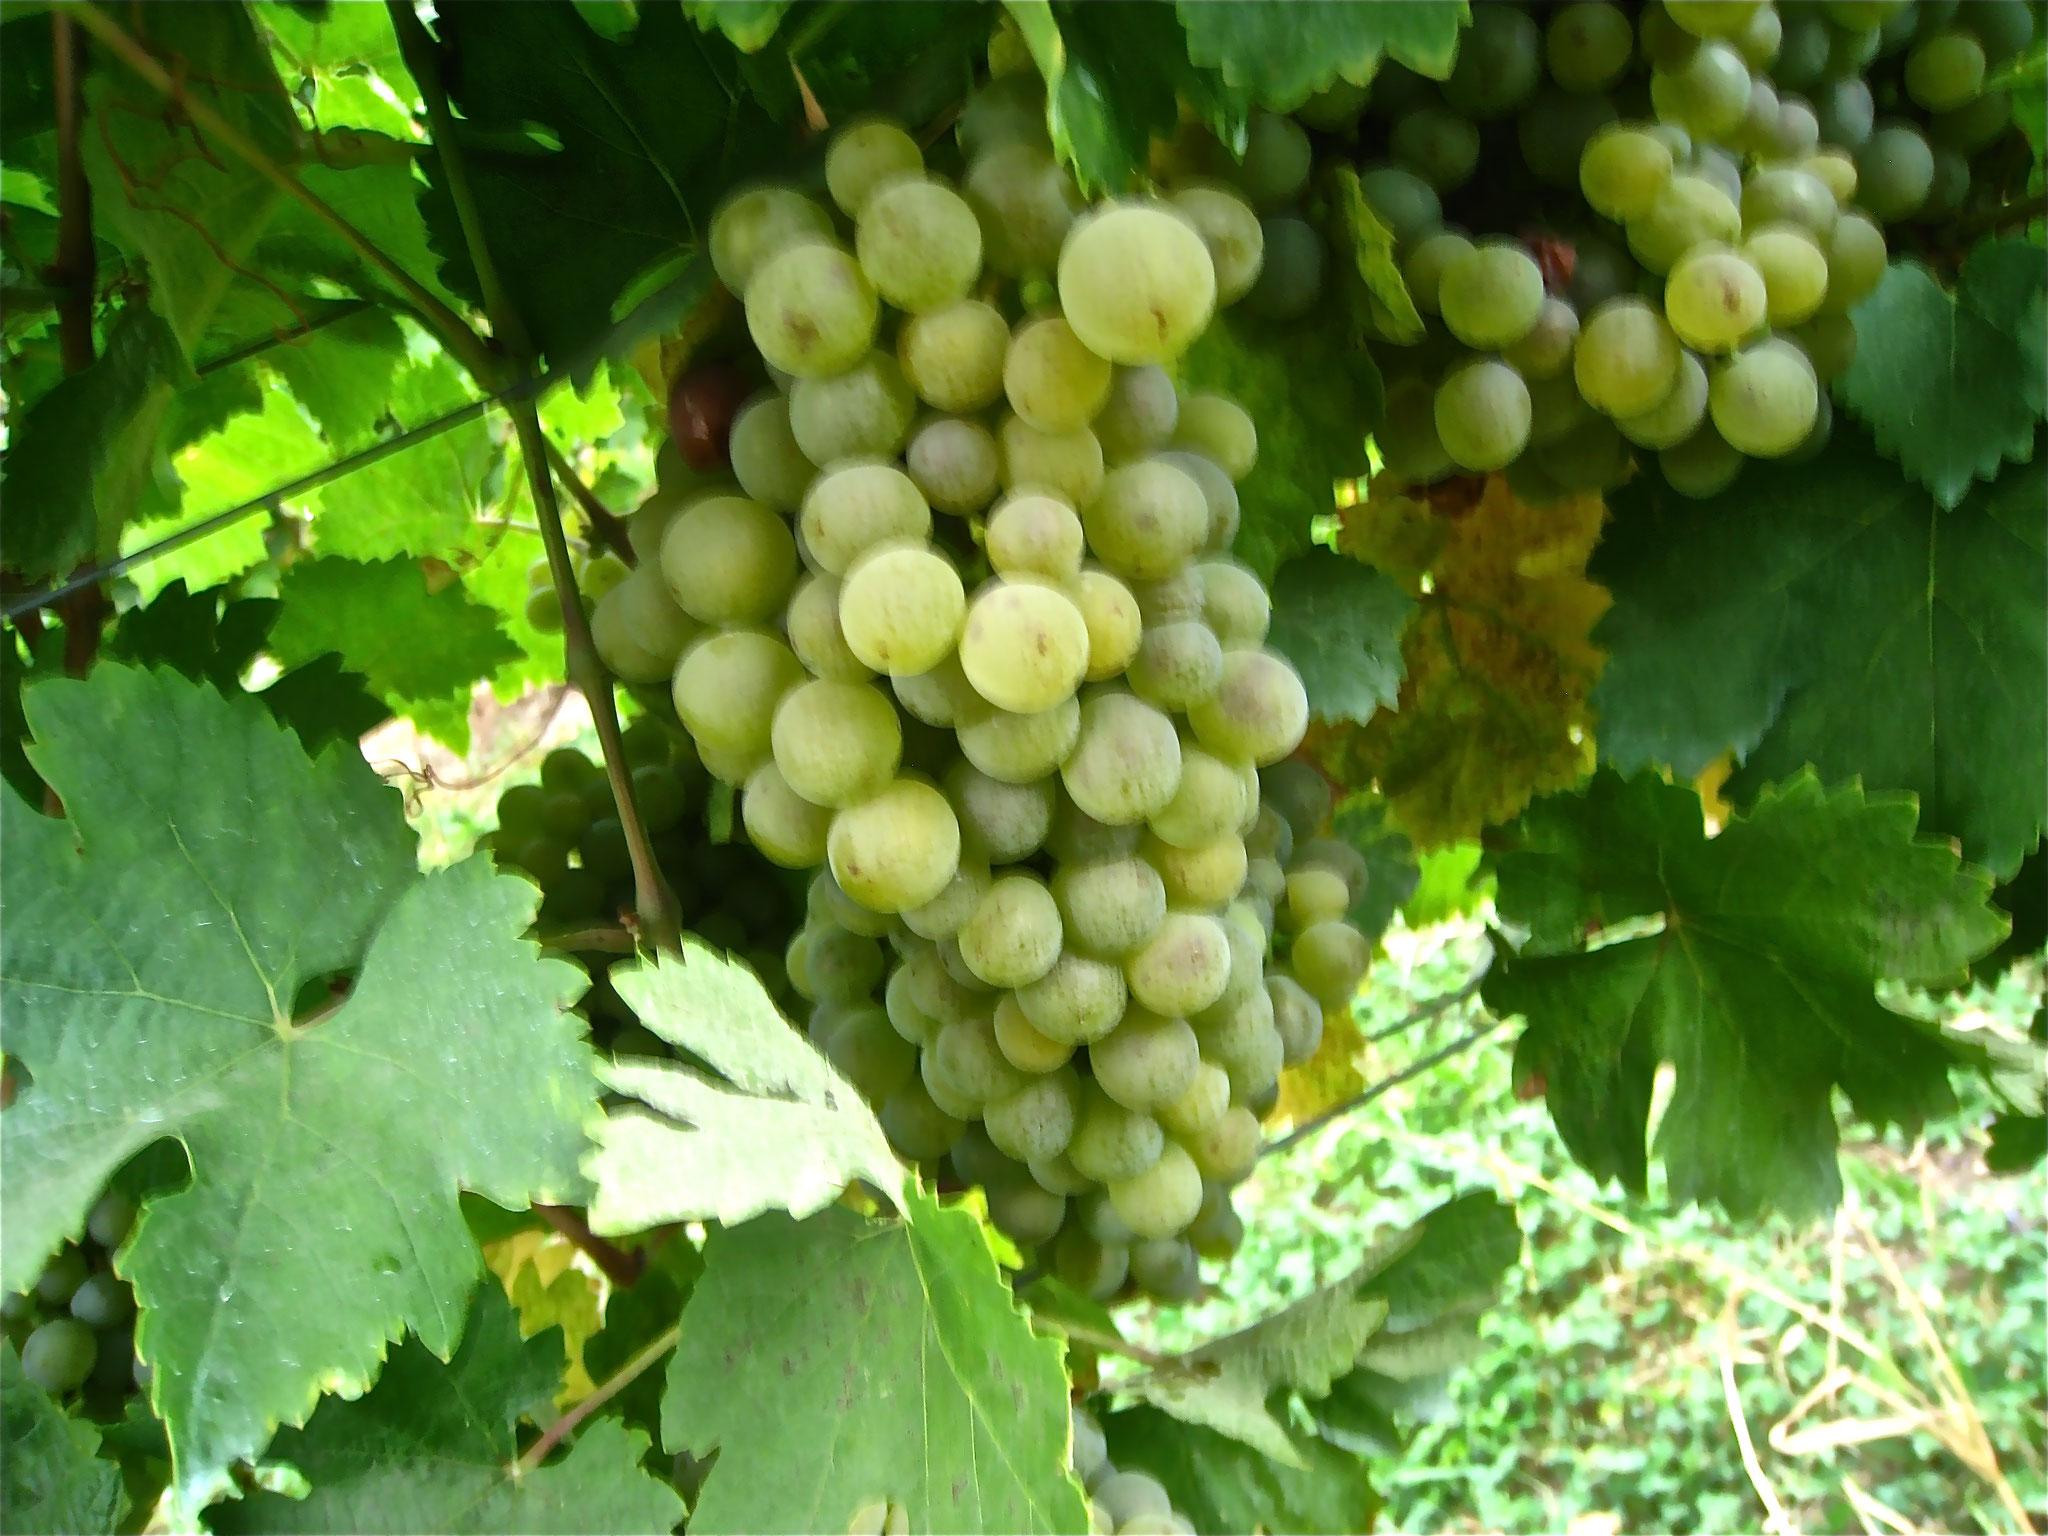 Die östereichische Weißweintraube schlechthin: Grüner Veltliner